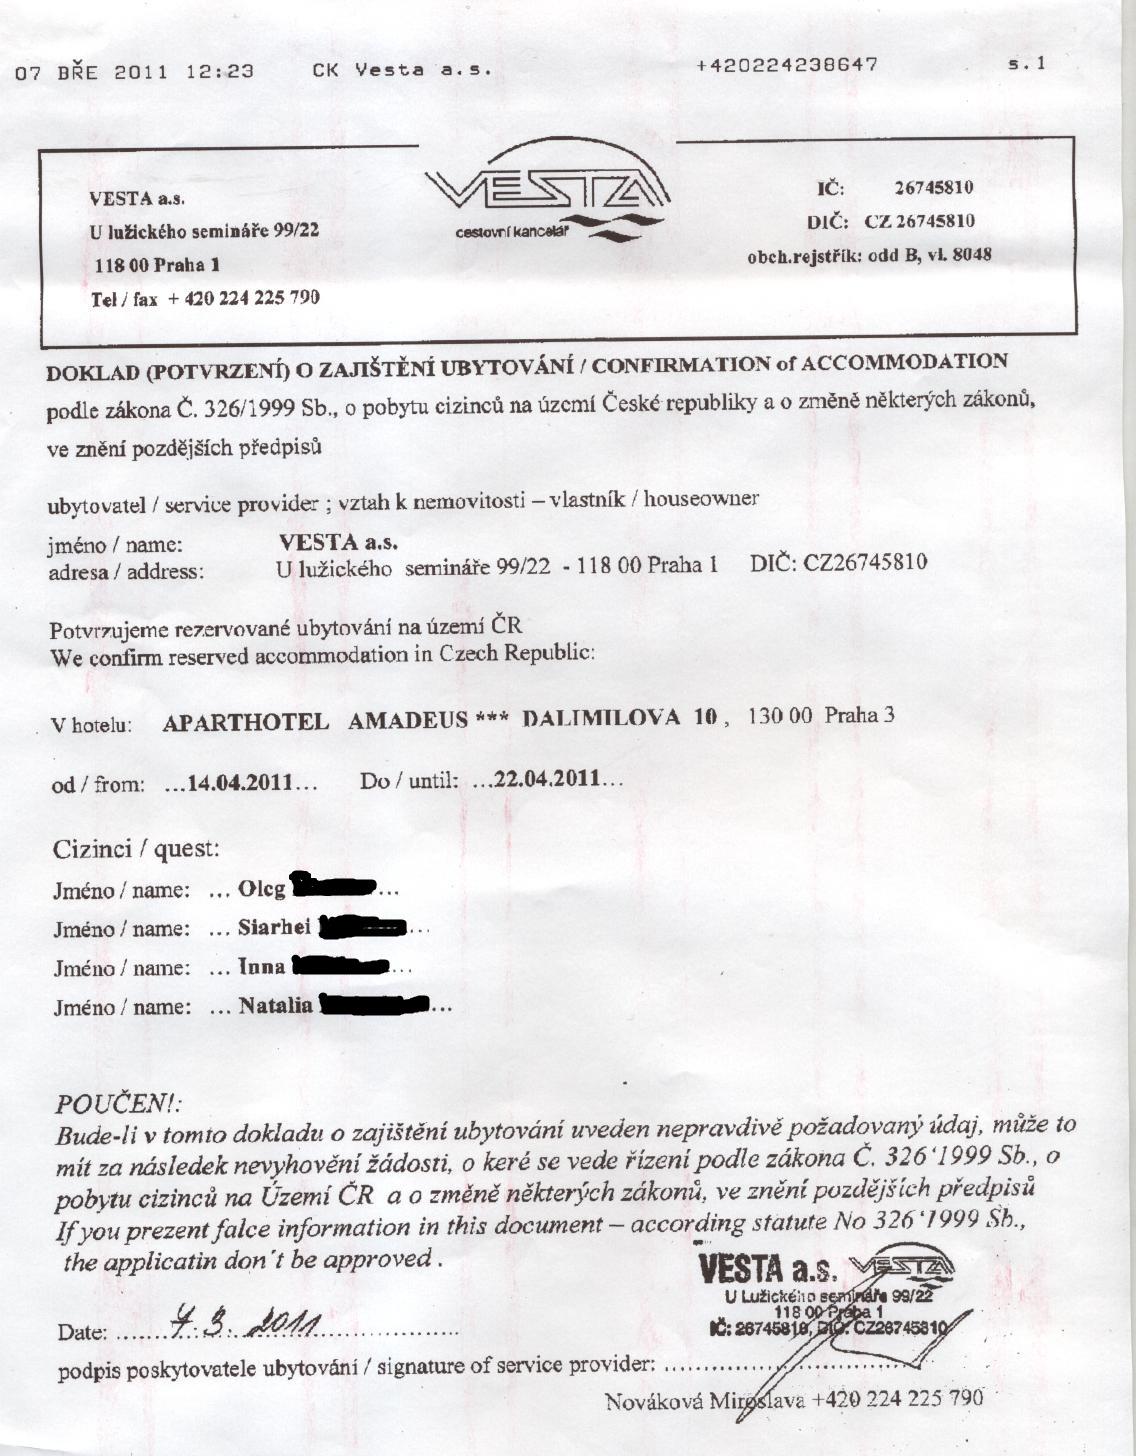 Забронировать отель получить визу авиабилеты пенза симферополь прямой рейс цена дешево